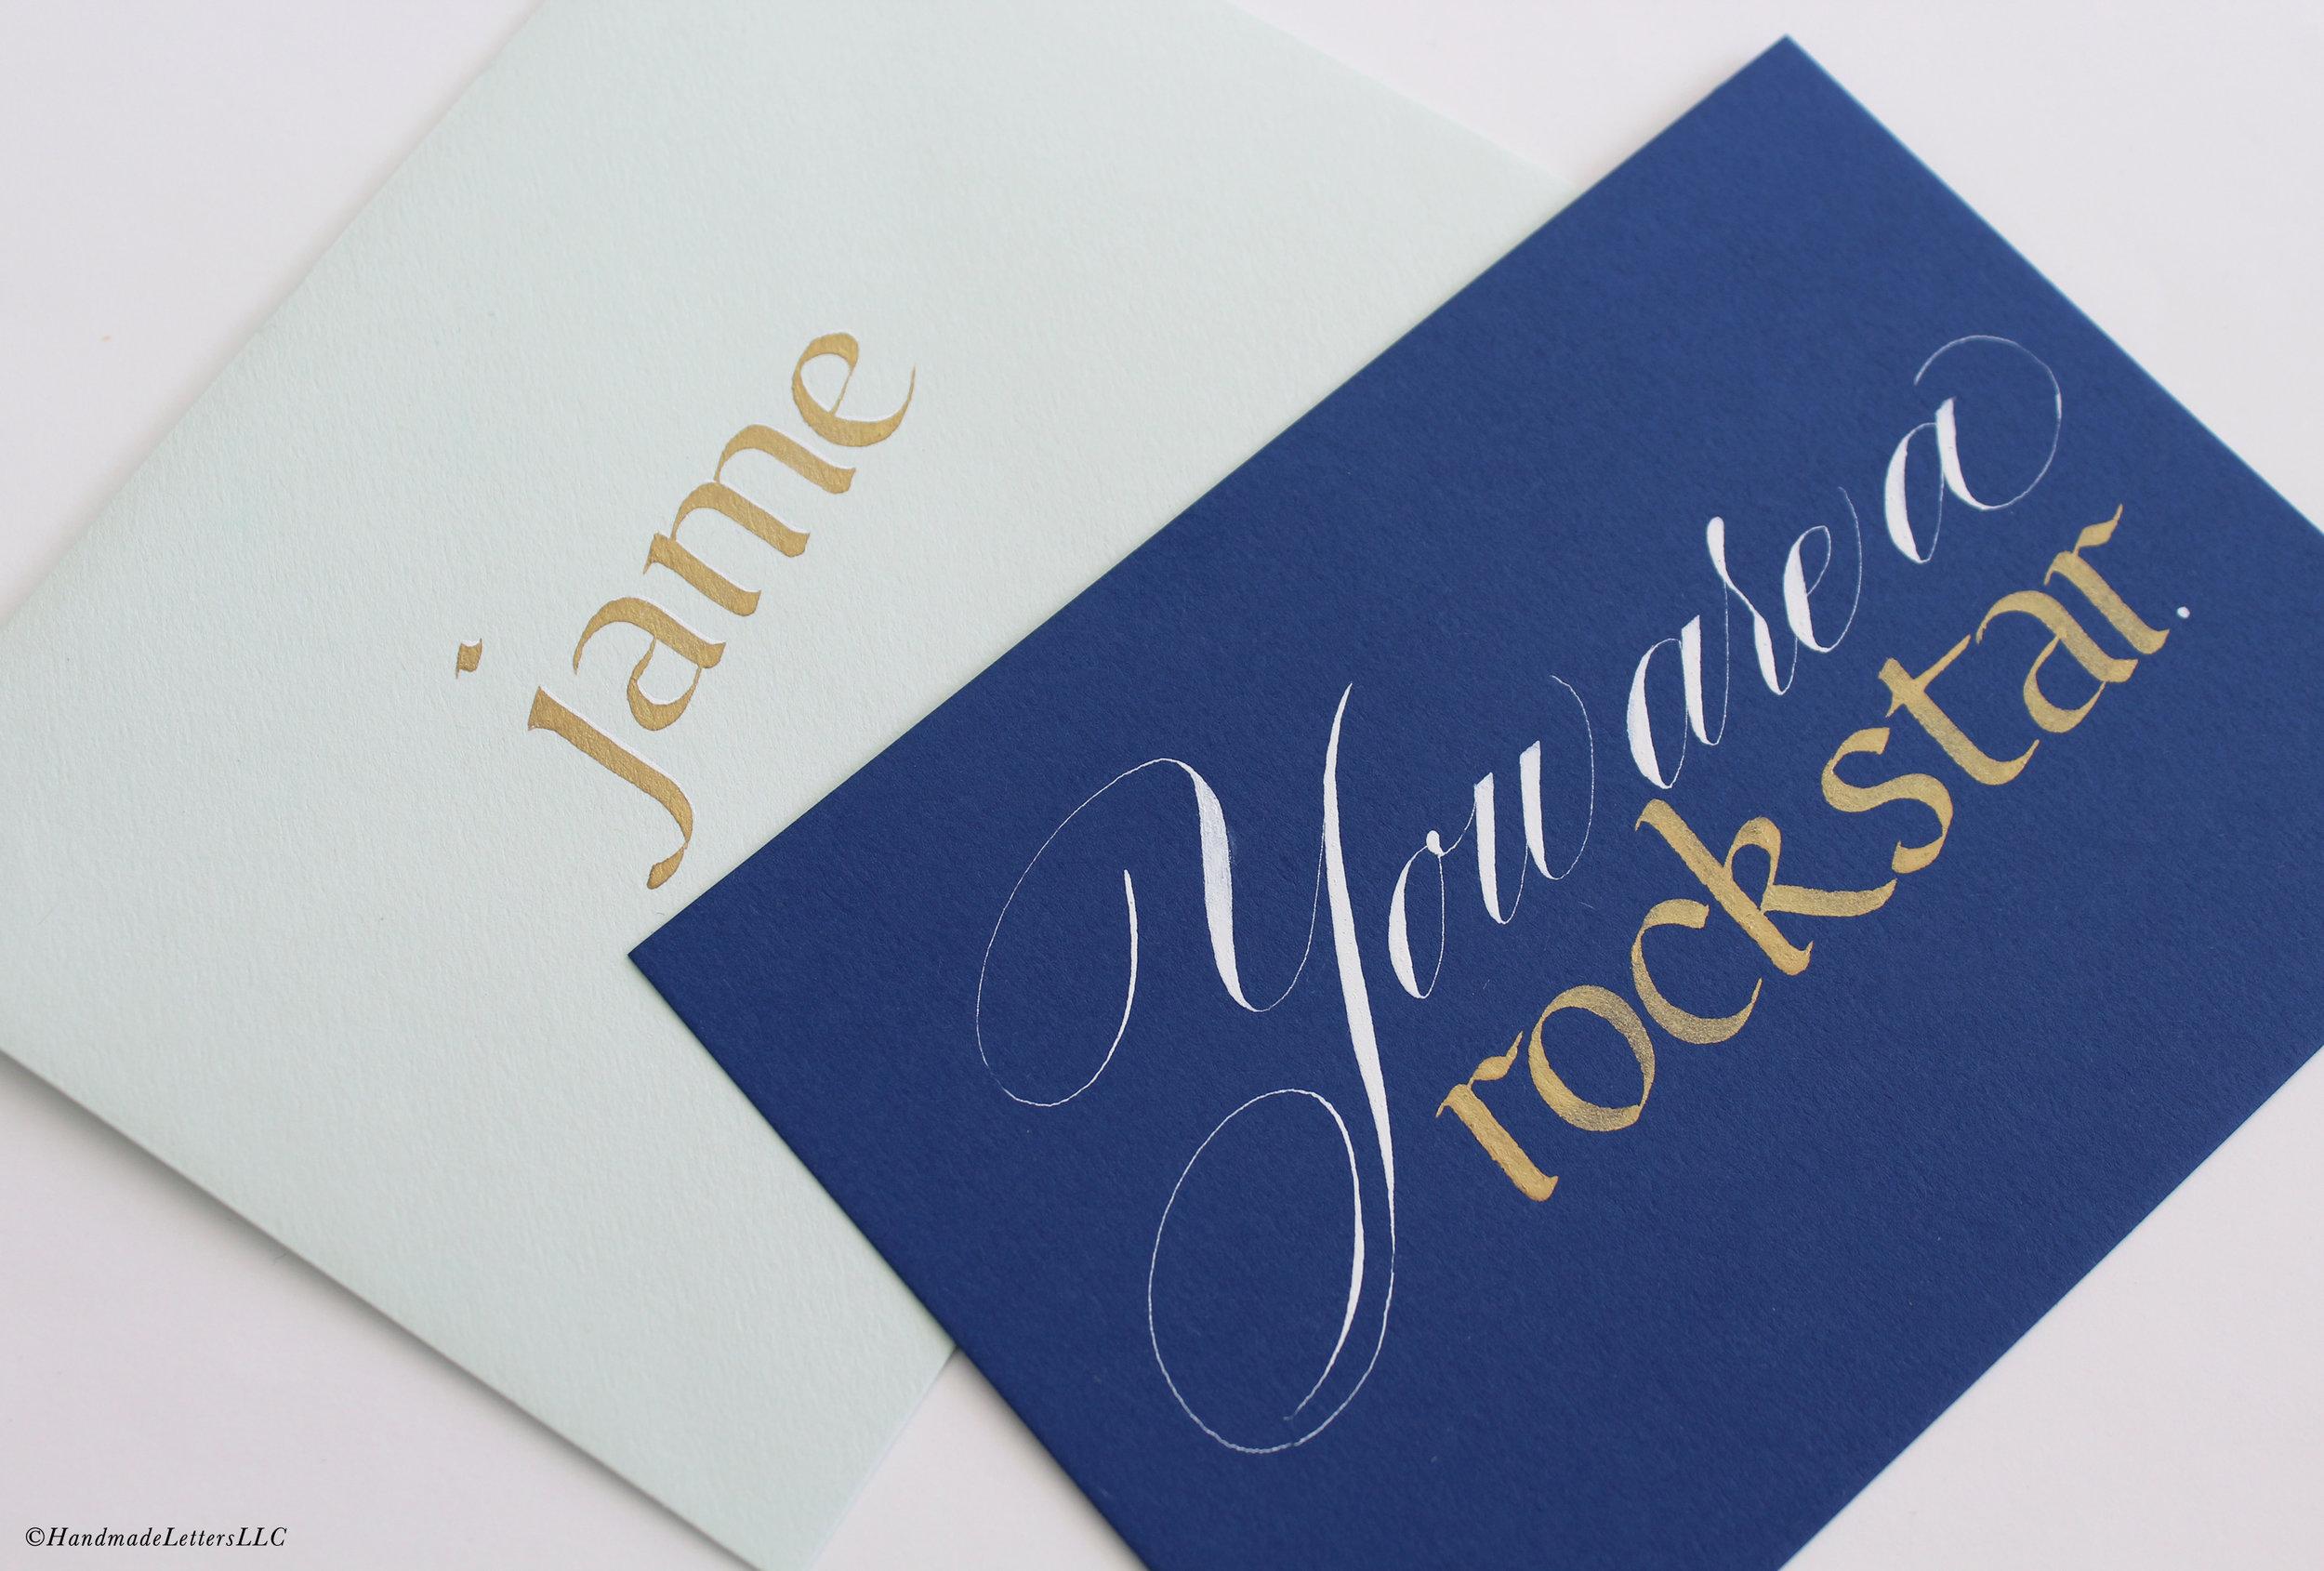 Handmade Letters - Letter for Jame